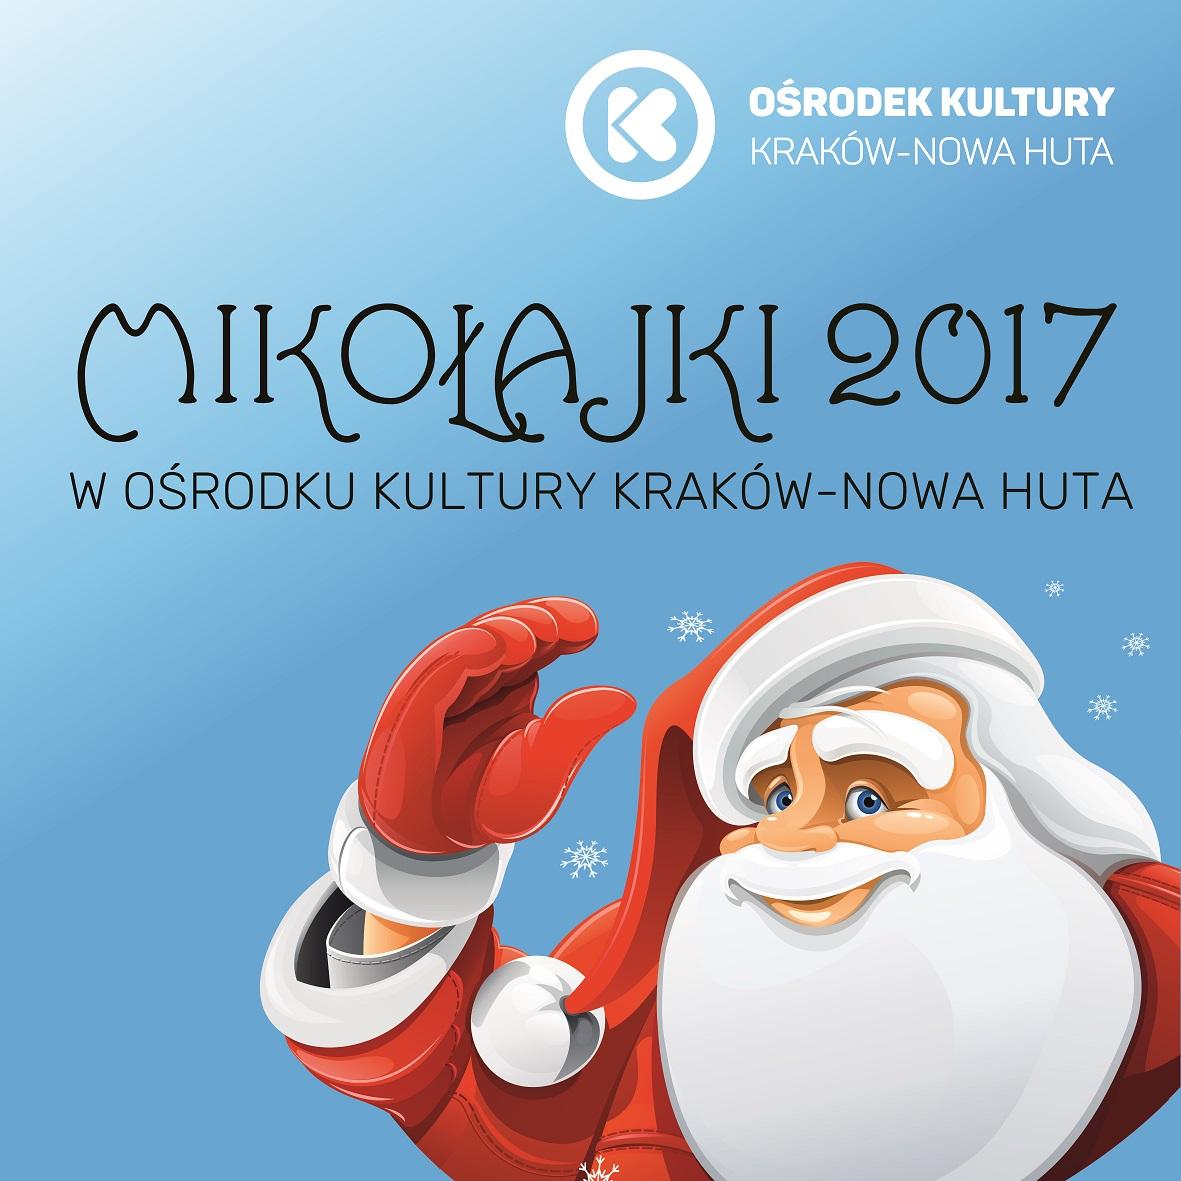 Mikołajki dla dzieci w Ośrodku Kultury Kraków - Nowa Huta